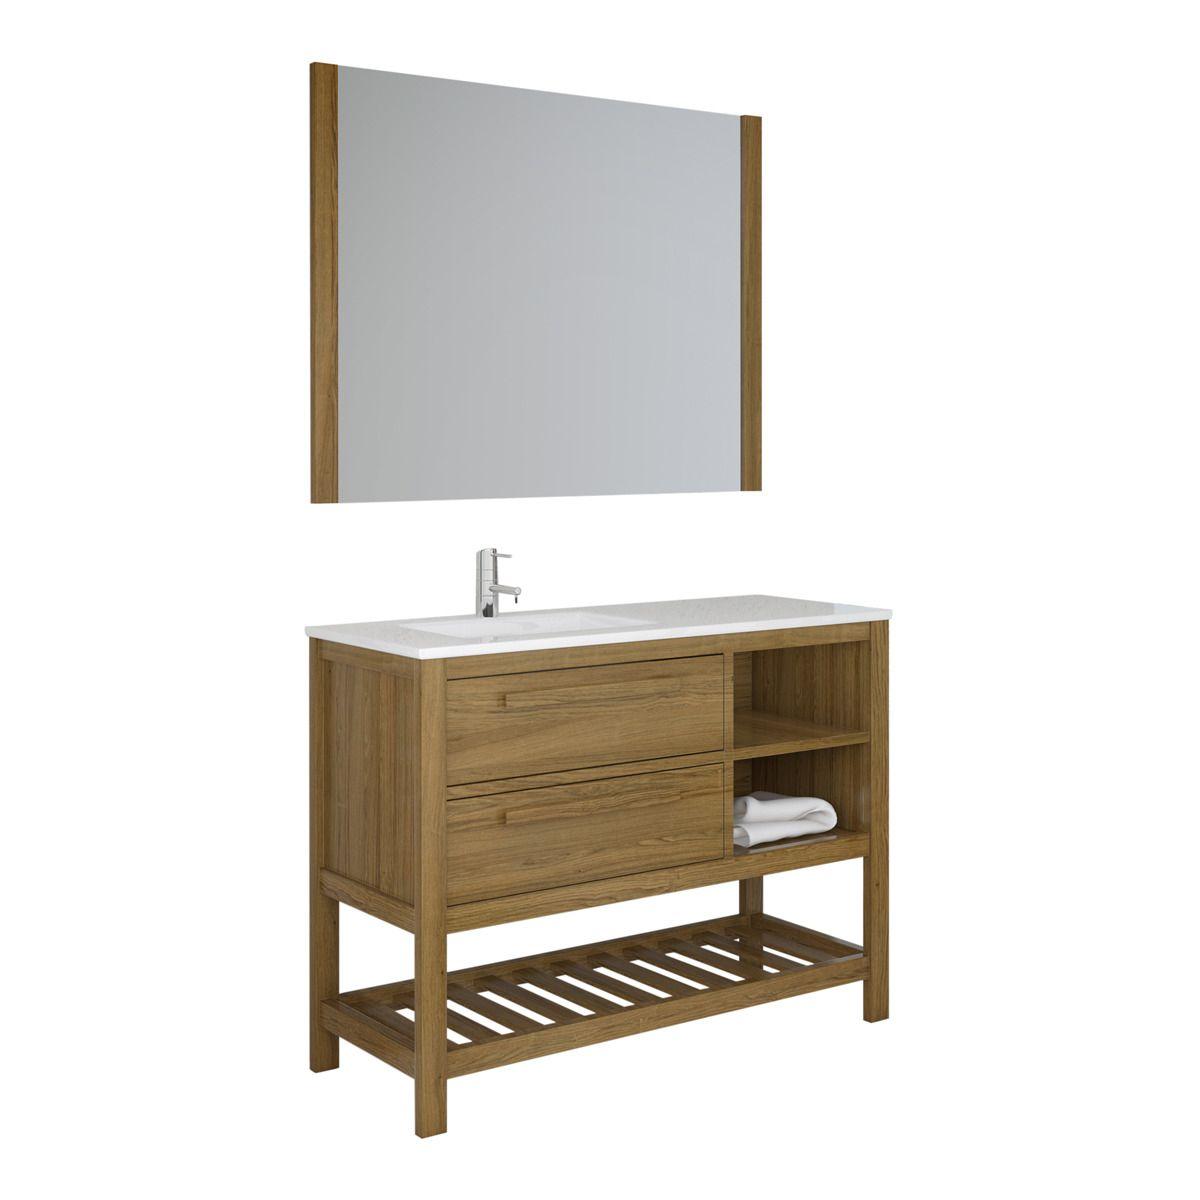 Mueble De Baño Dibath Amazonia 2 Cajones Hogar El Corte Inglés